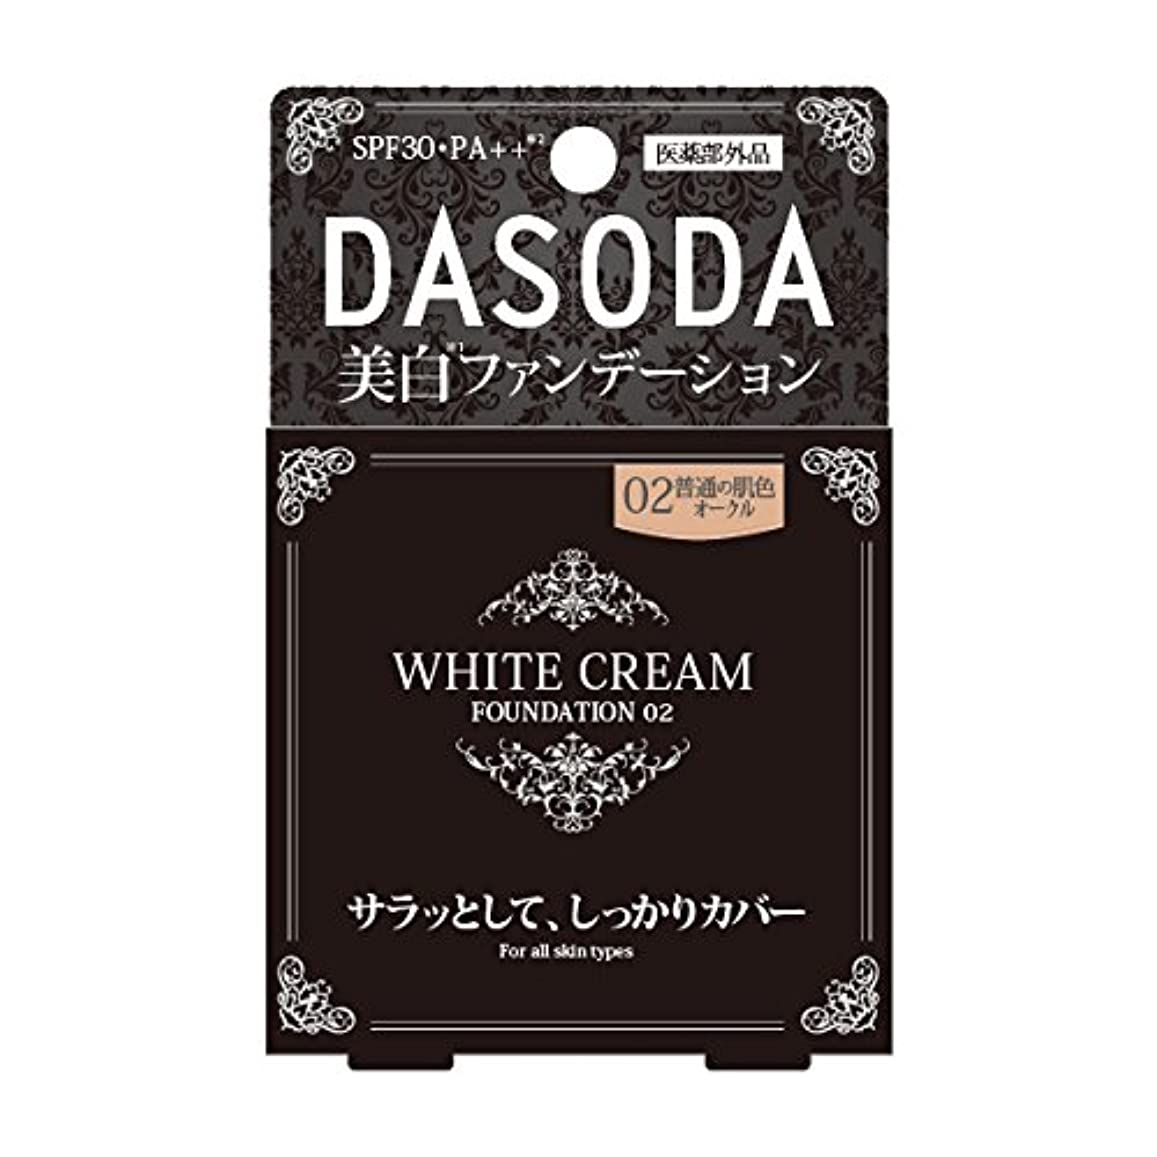 こだわり噛む混乱したダソダ エフシー ホワイトクリームファンデーション 02 オークル 8g